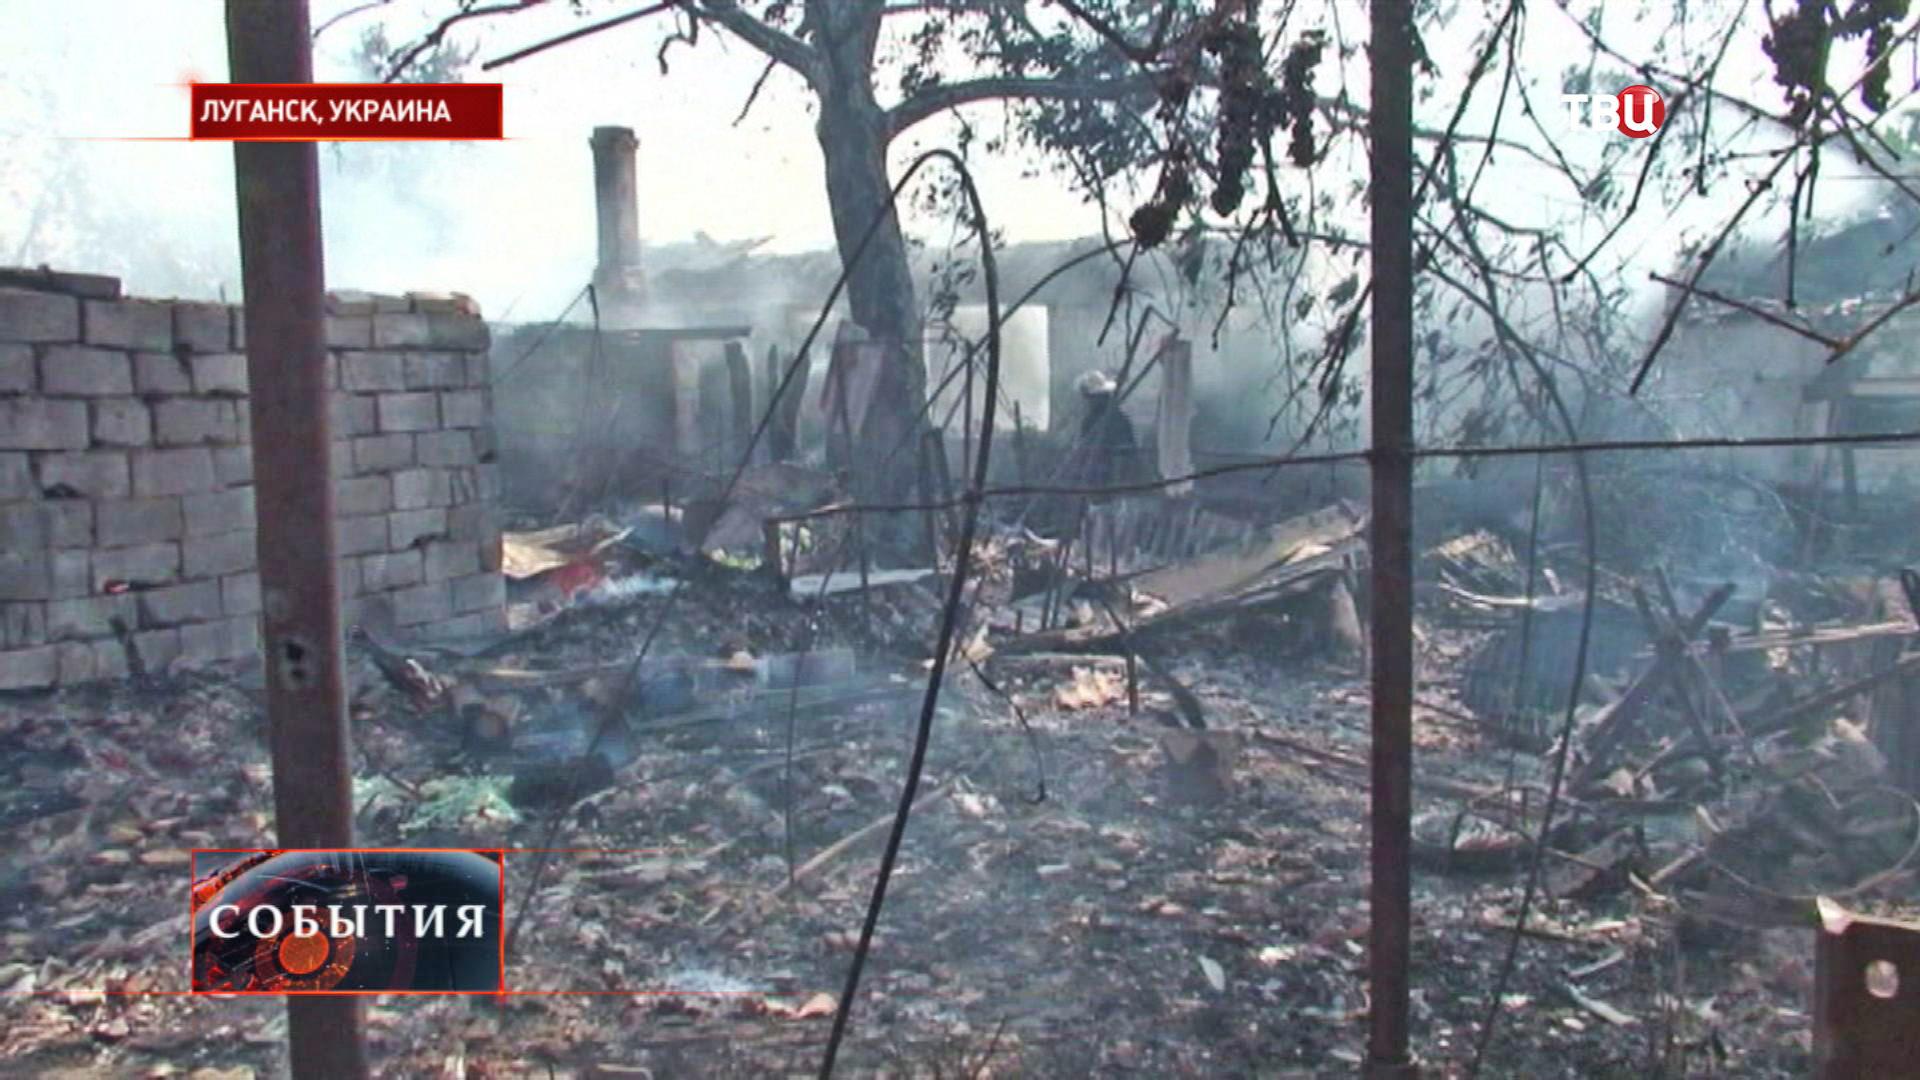 Результат артобстрела жилого квартала Луганска